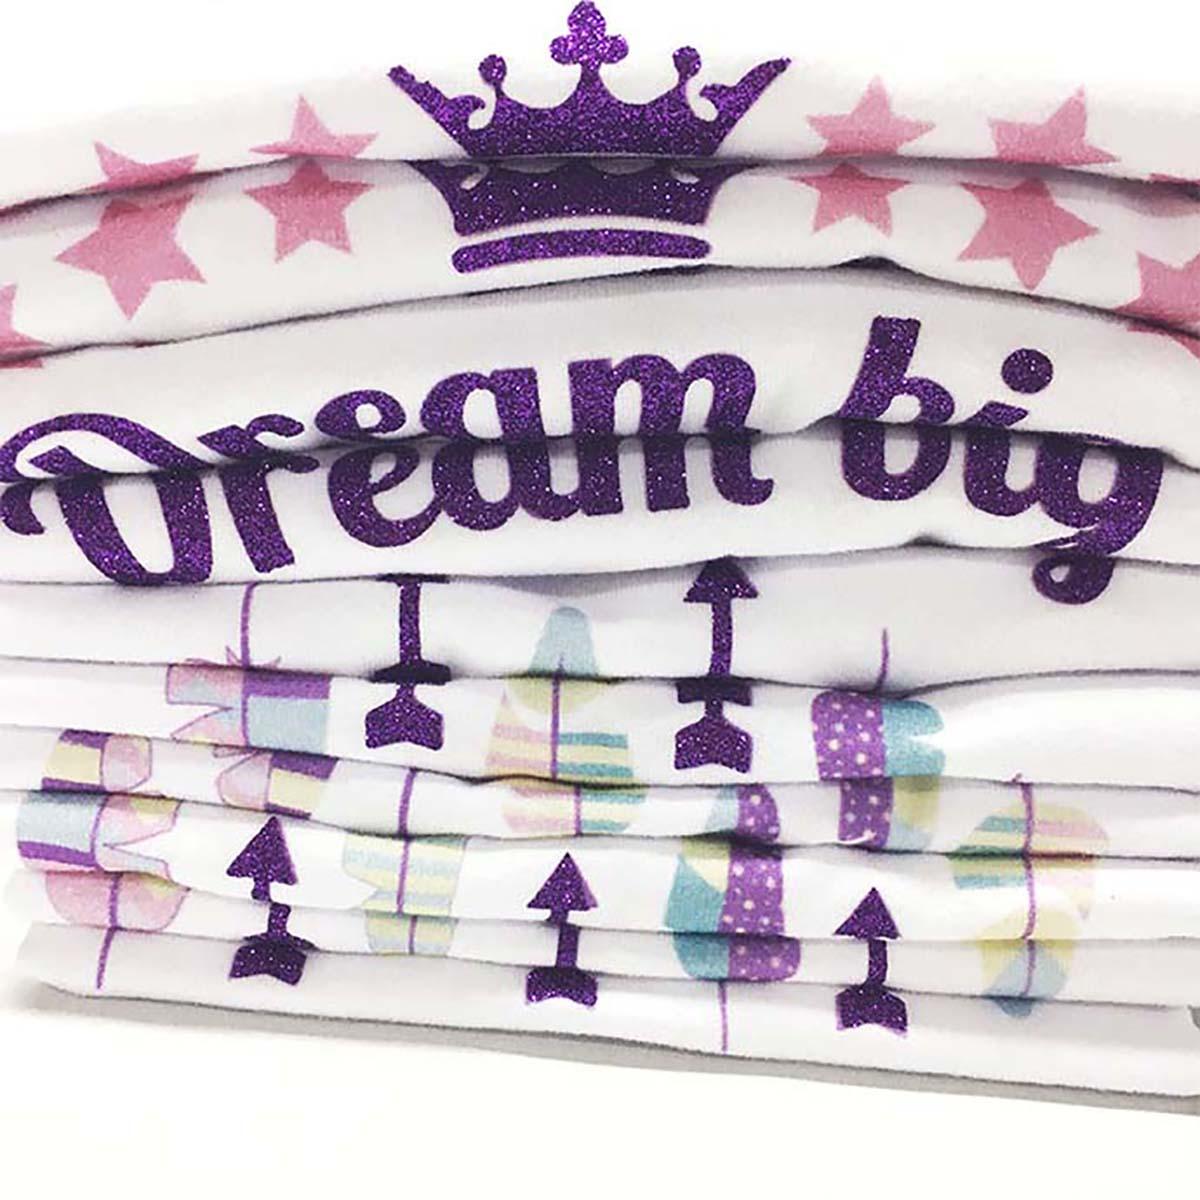 Dream big print kombinacija printa i glittera